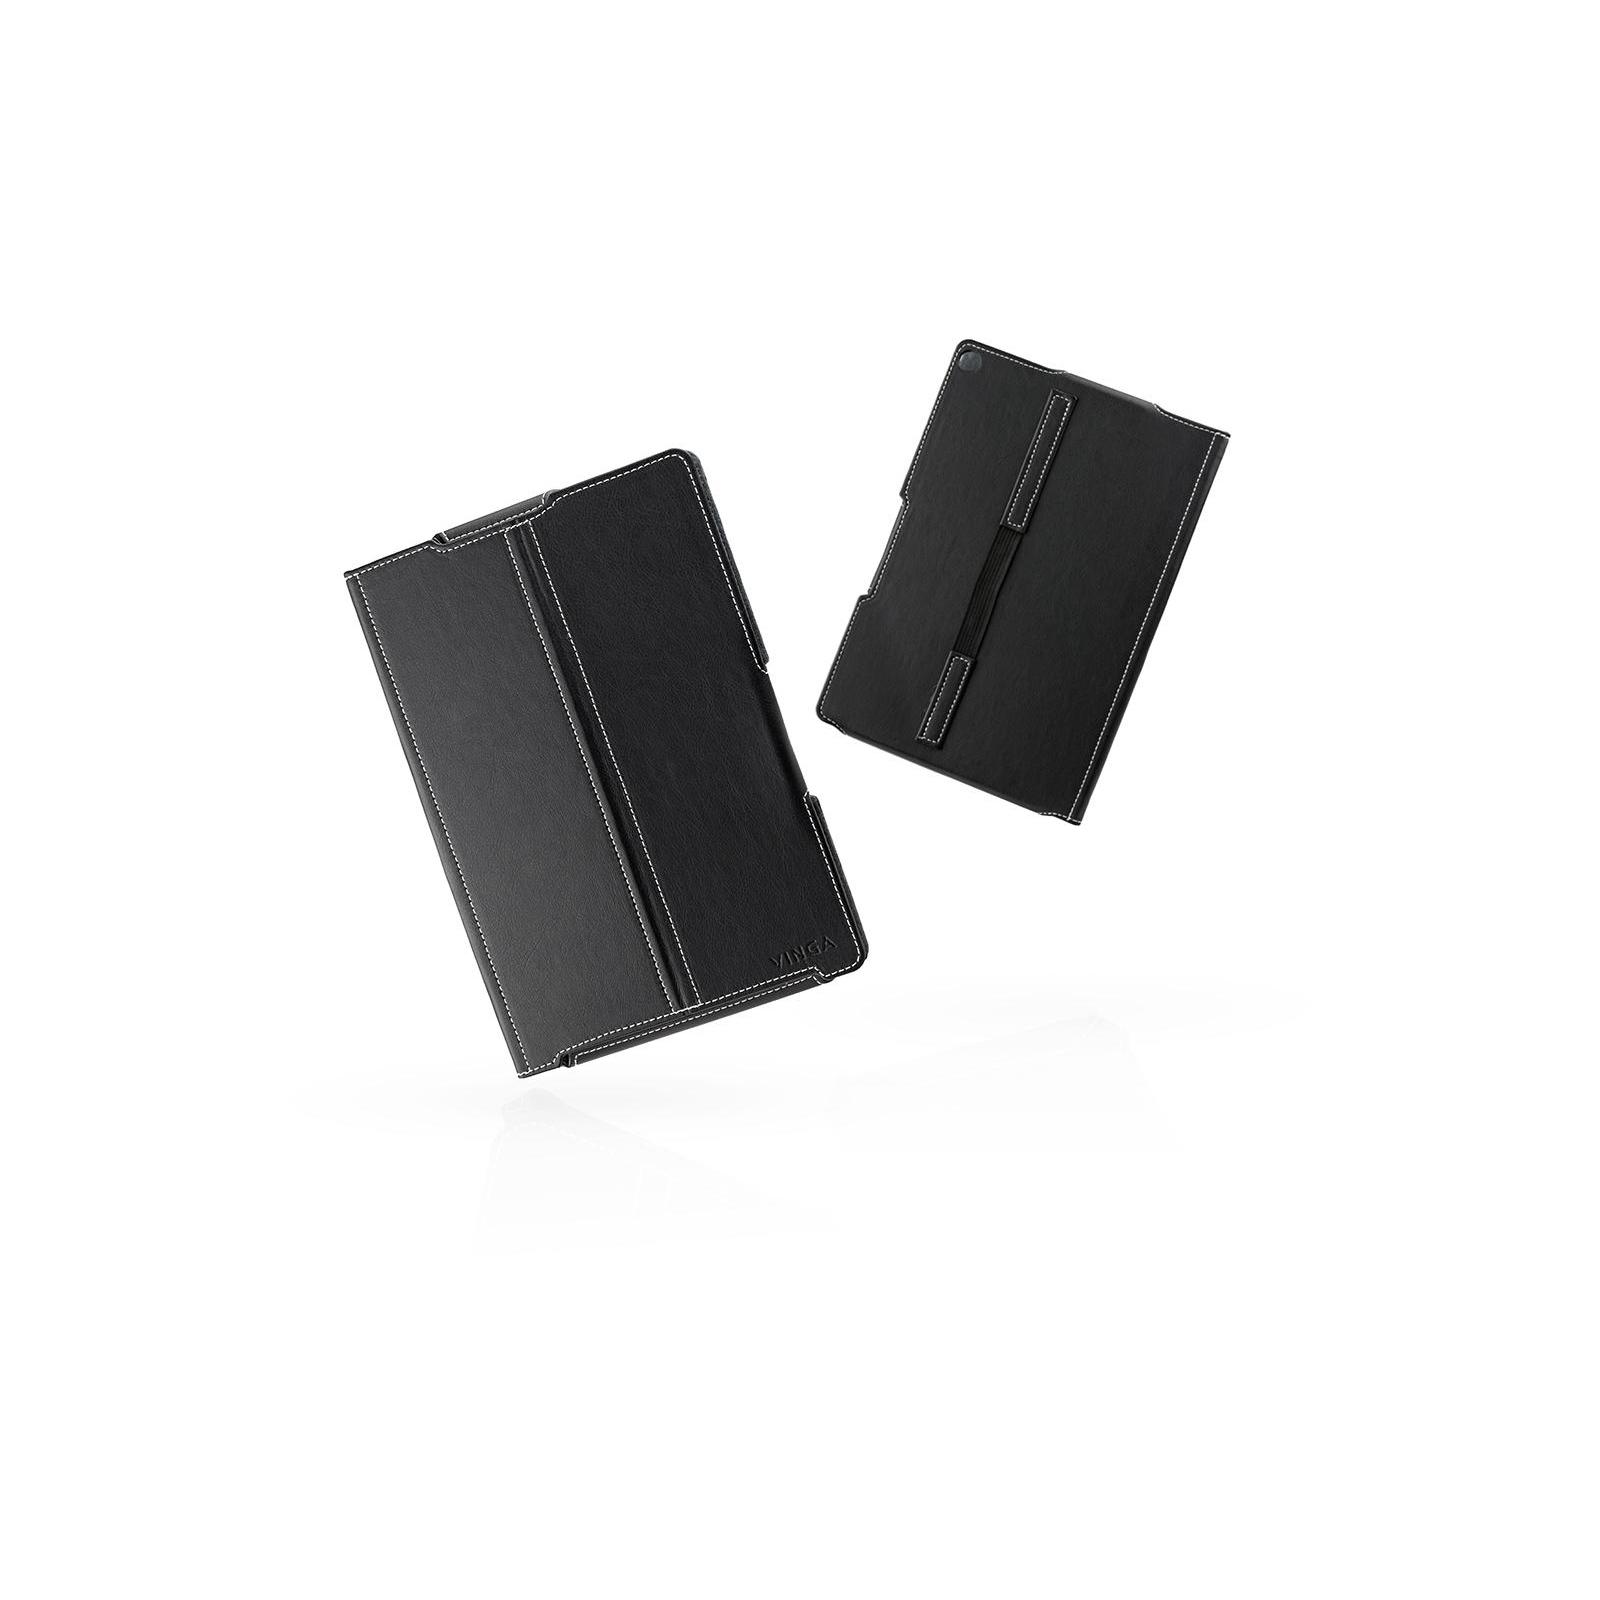 Чехол для планшета ASUS ZenPad 10 Z301 black Vinga (VNZP301MFL) изображение 3